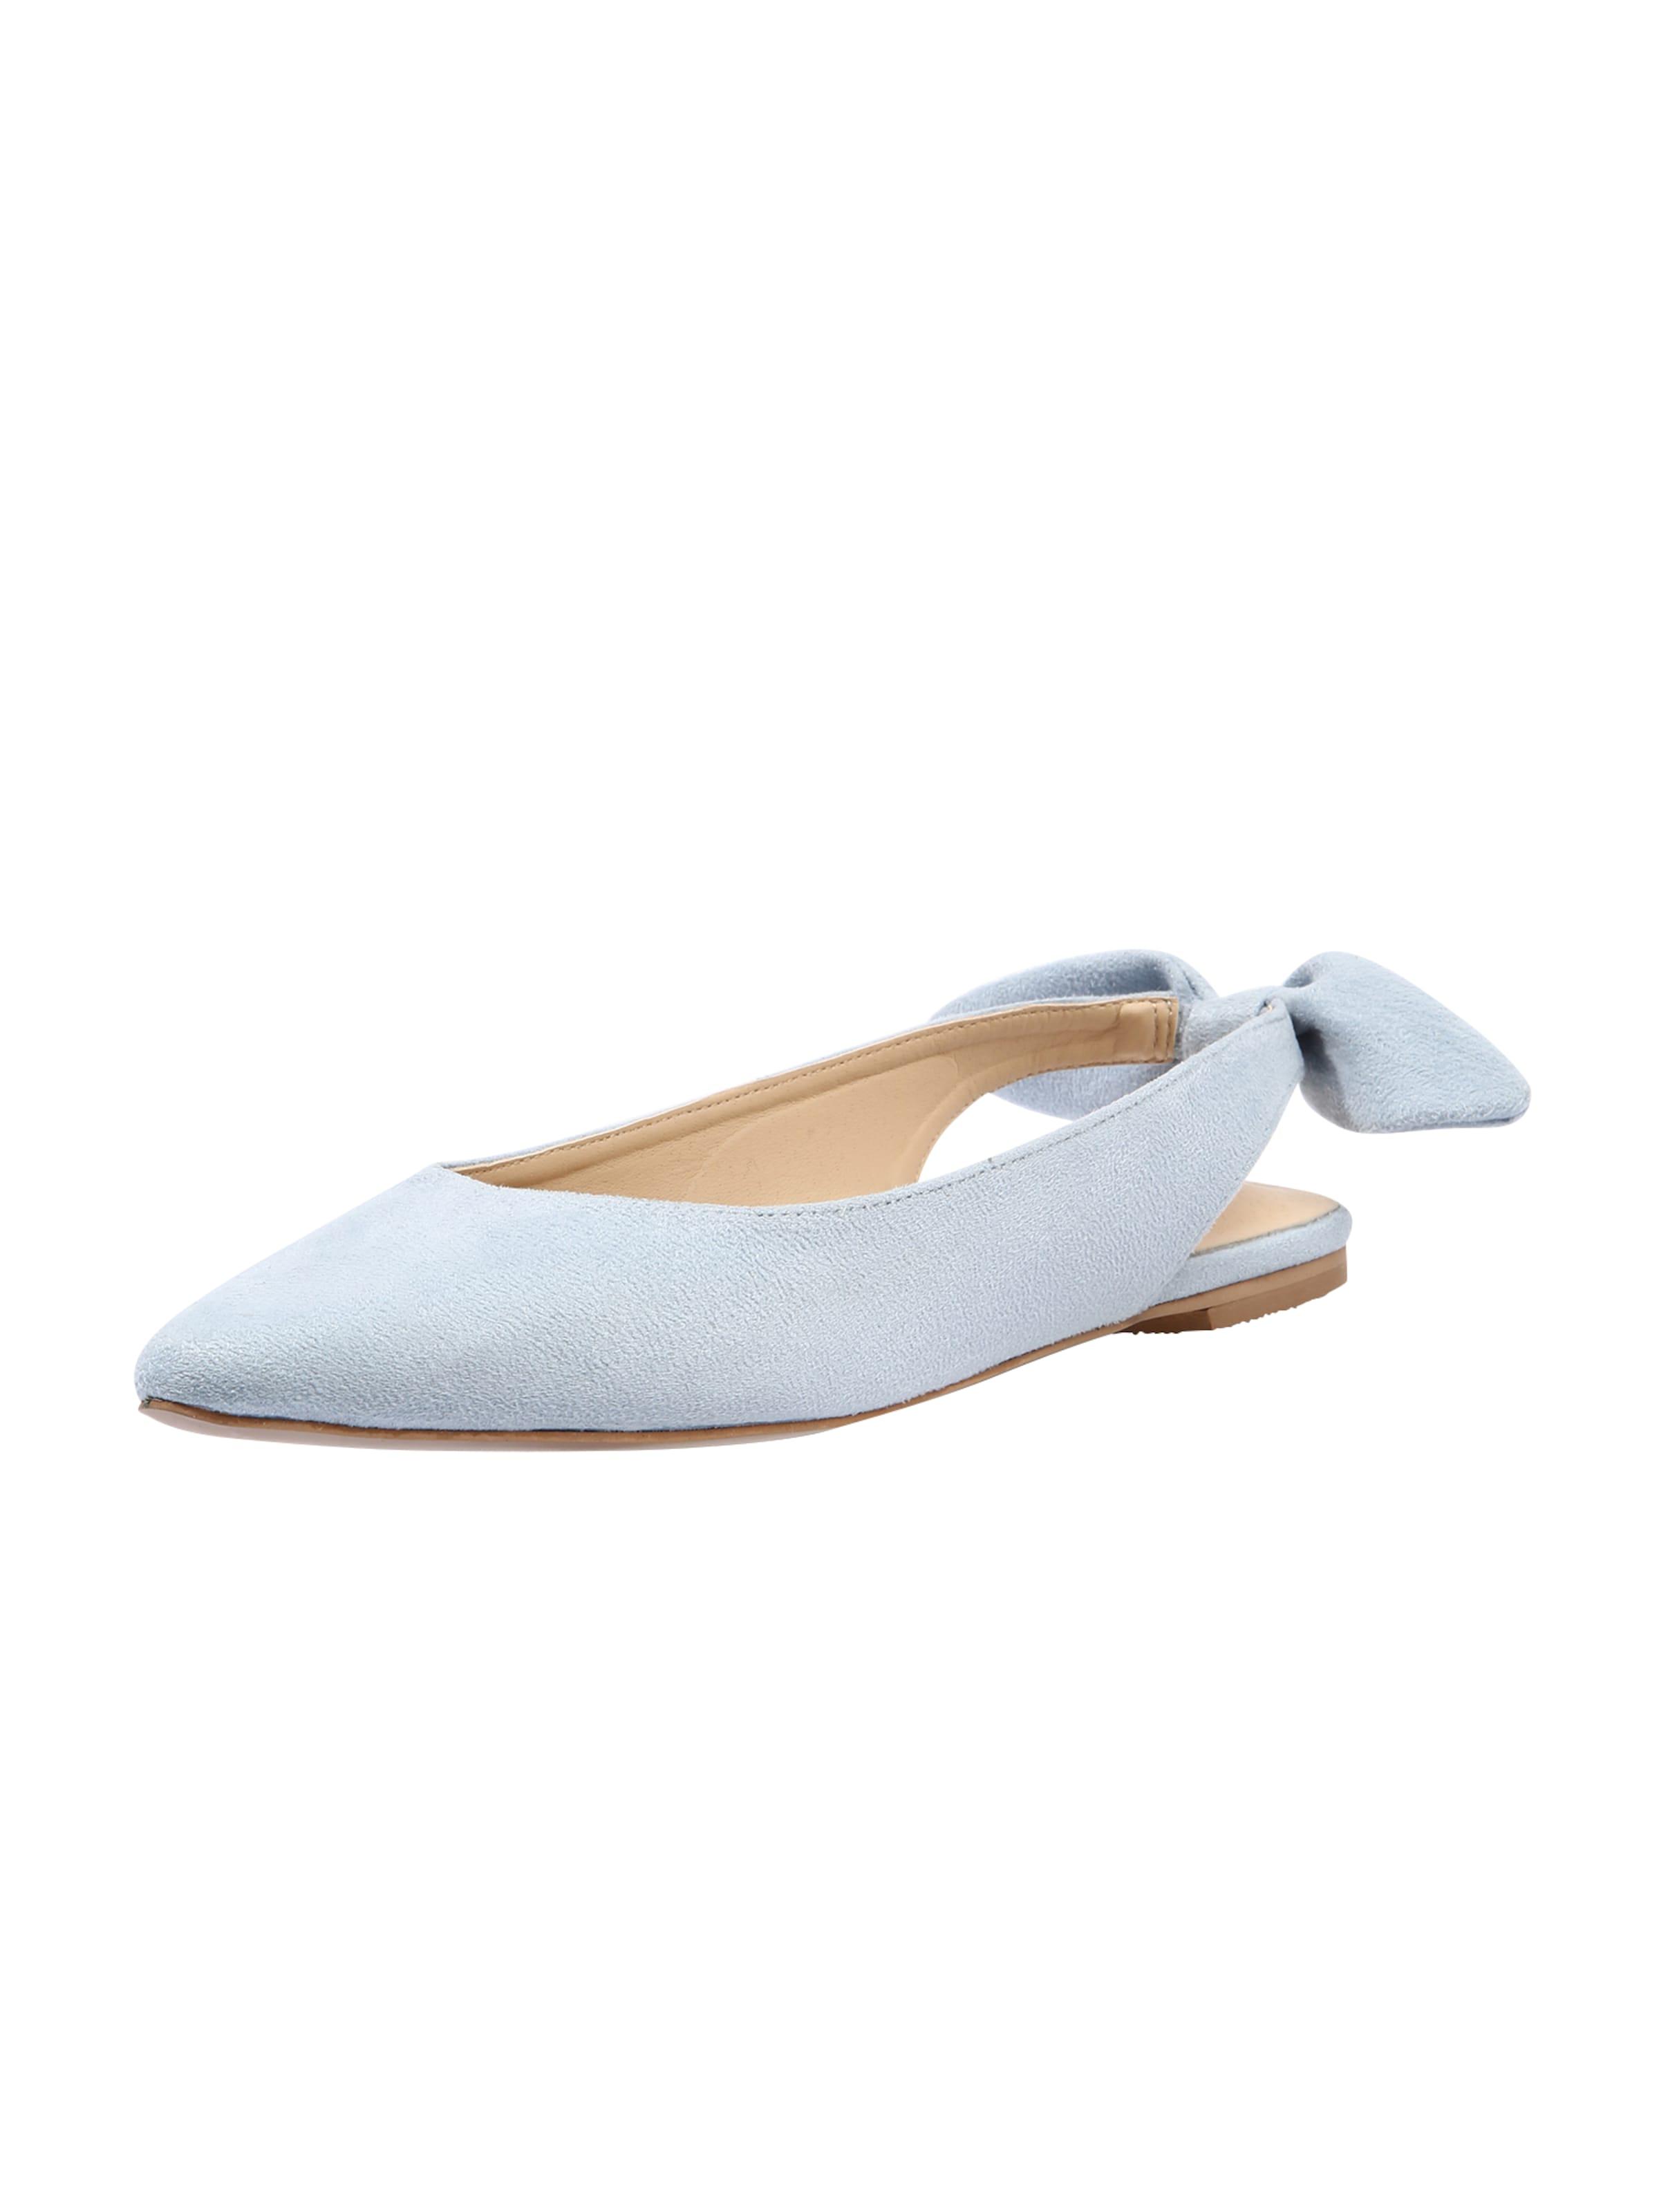 ABOUT YOU Ballerinas EMILIA Verschleißfeste billige Schuhe